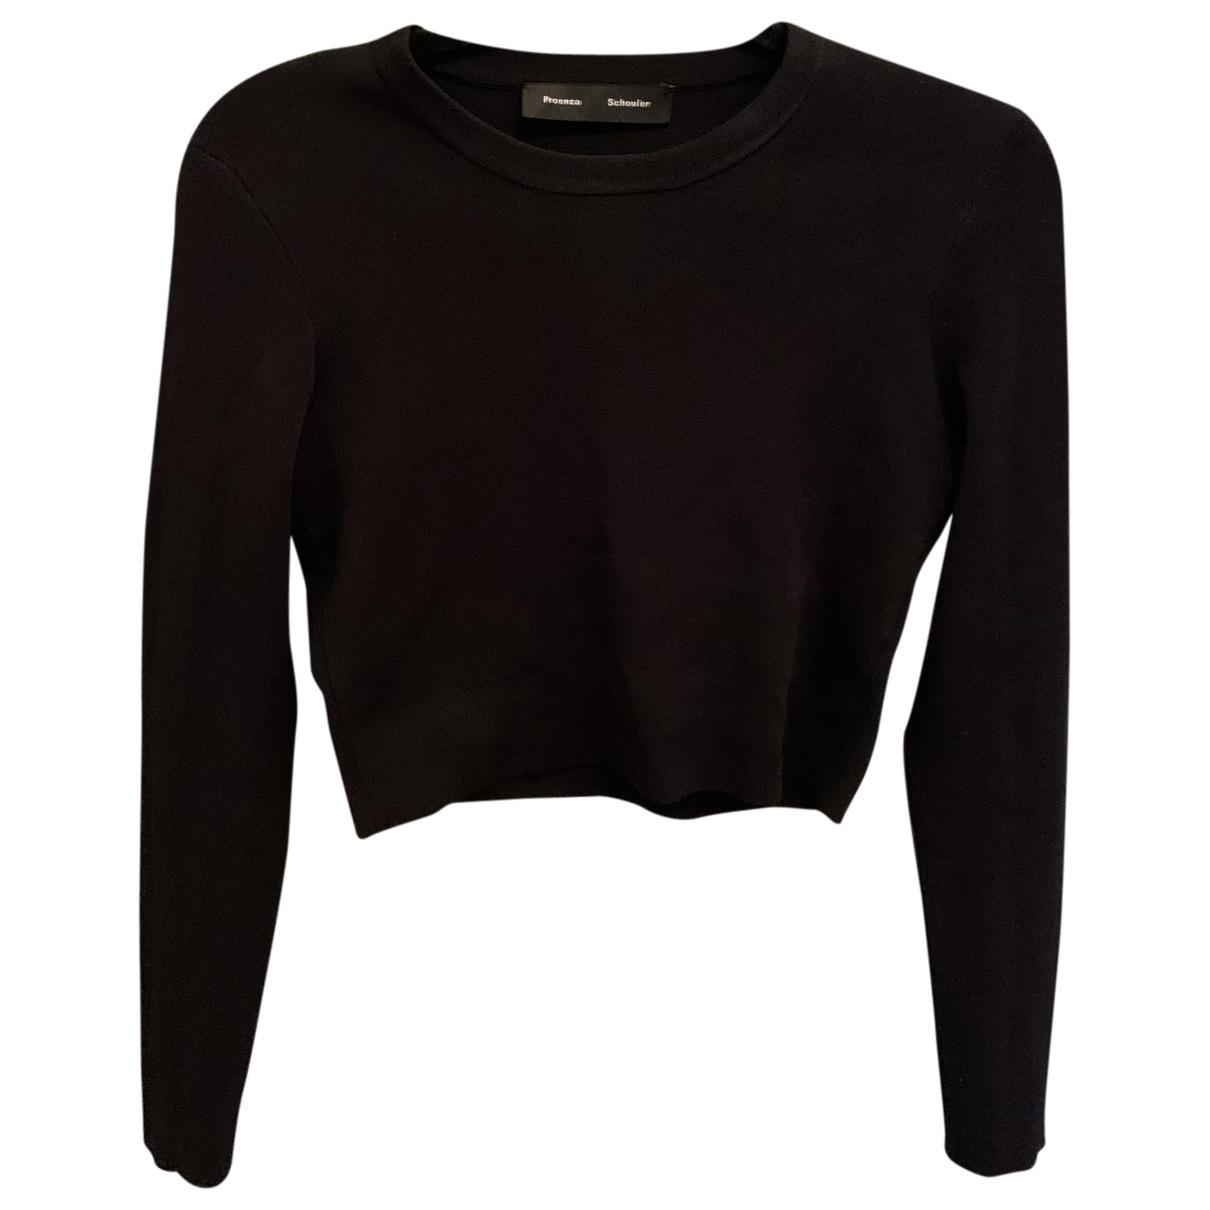 Proenza Schouler \N Black Knitwear for Women M International